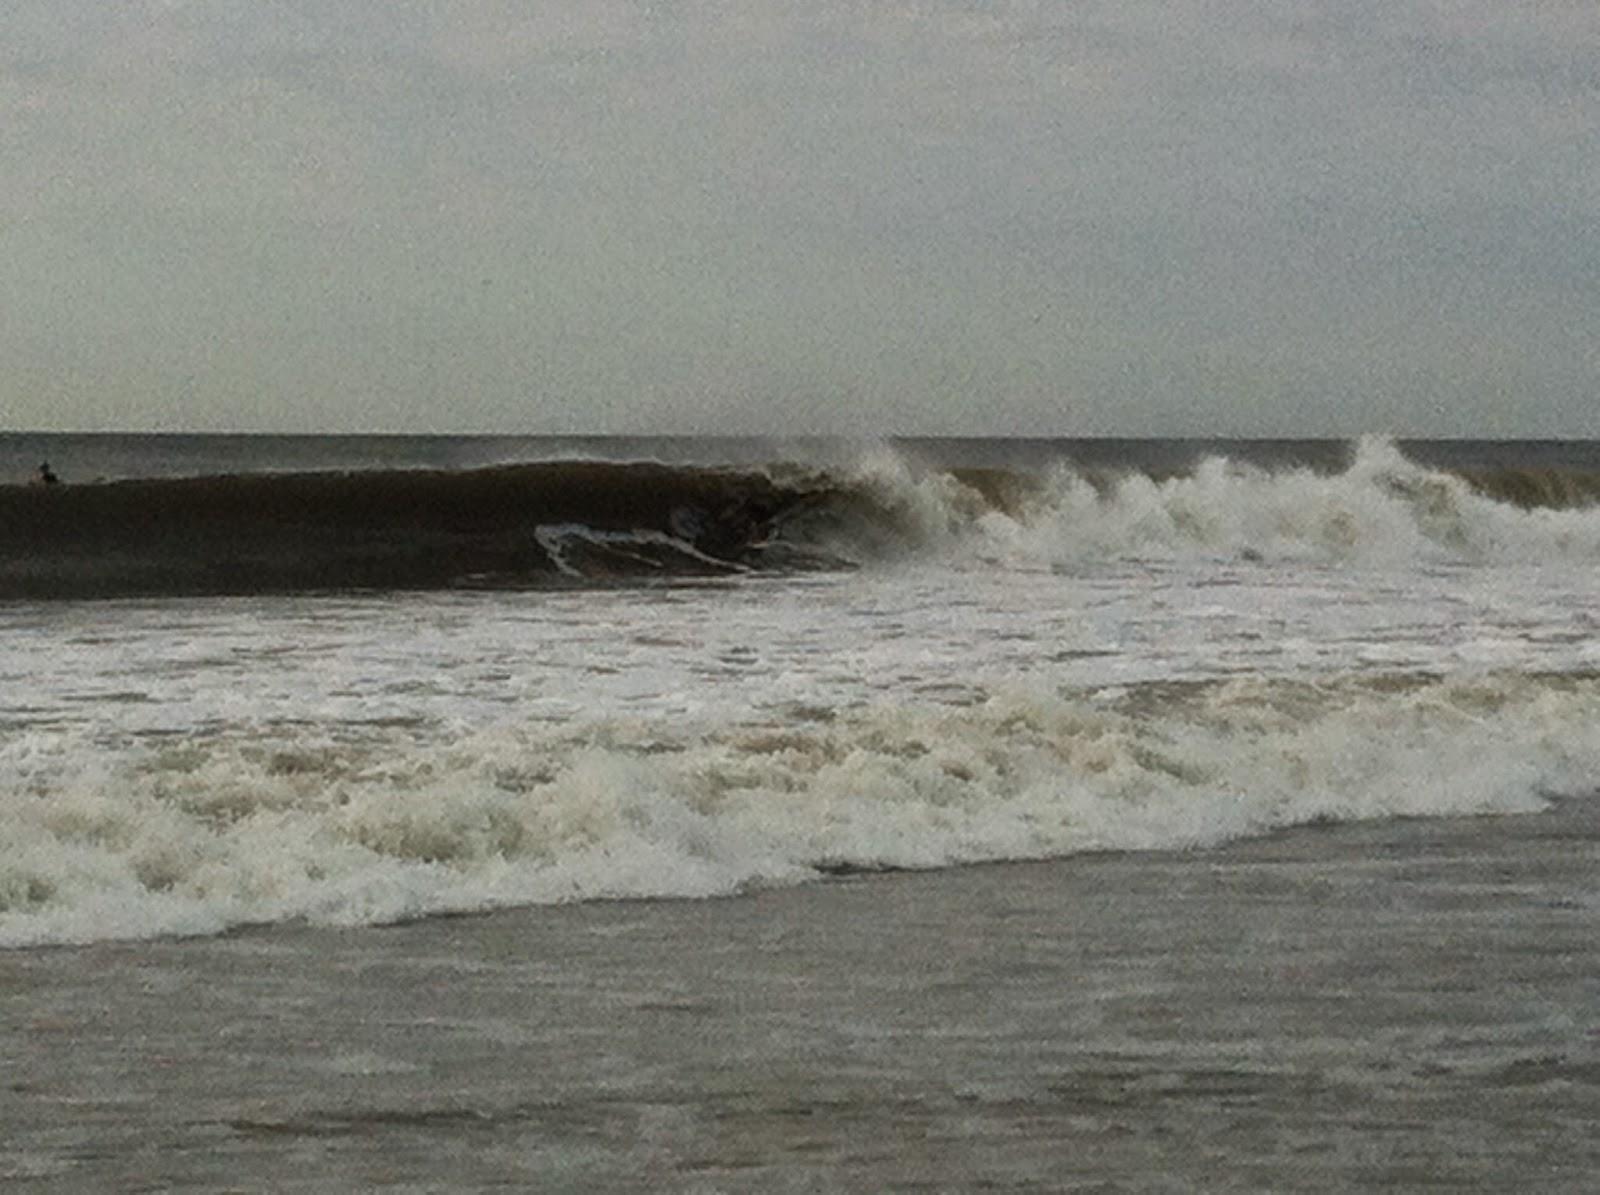 surfing hurricane cristobal